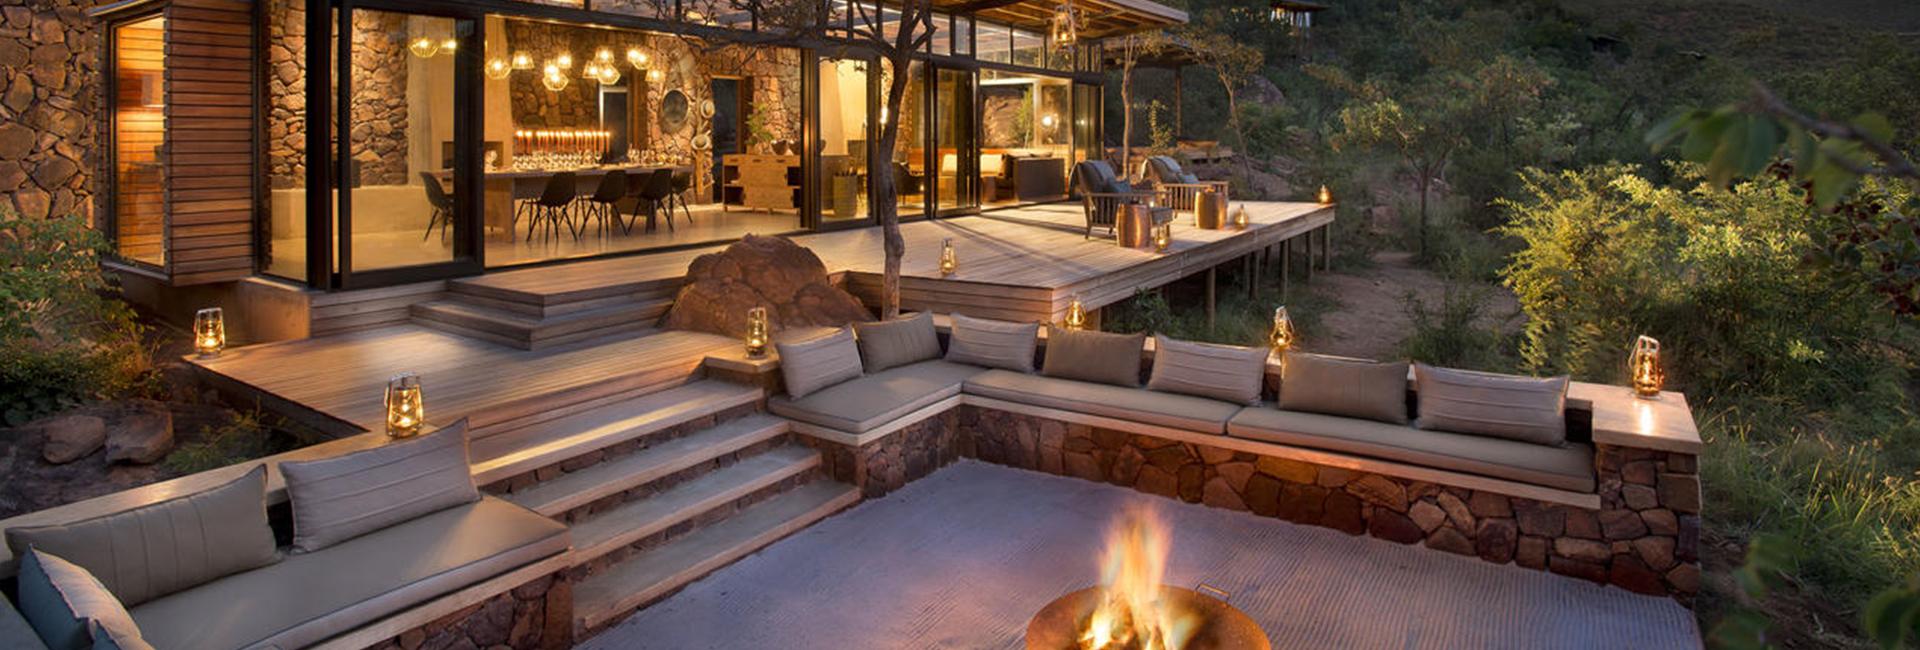 Marataba Trails Lodge Camp Deck Waterberg Safari Lodge